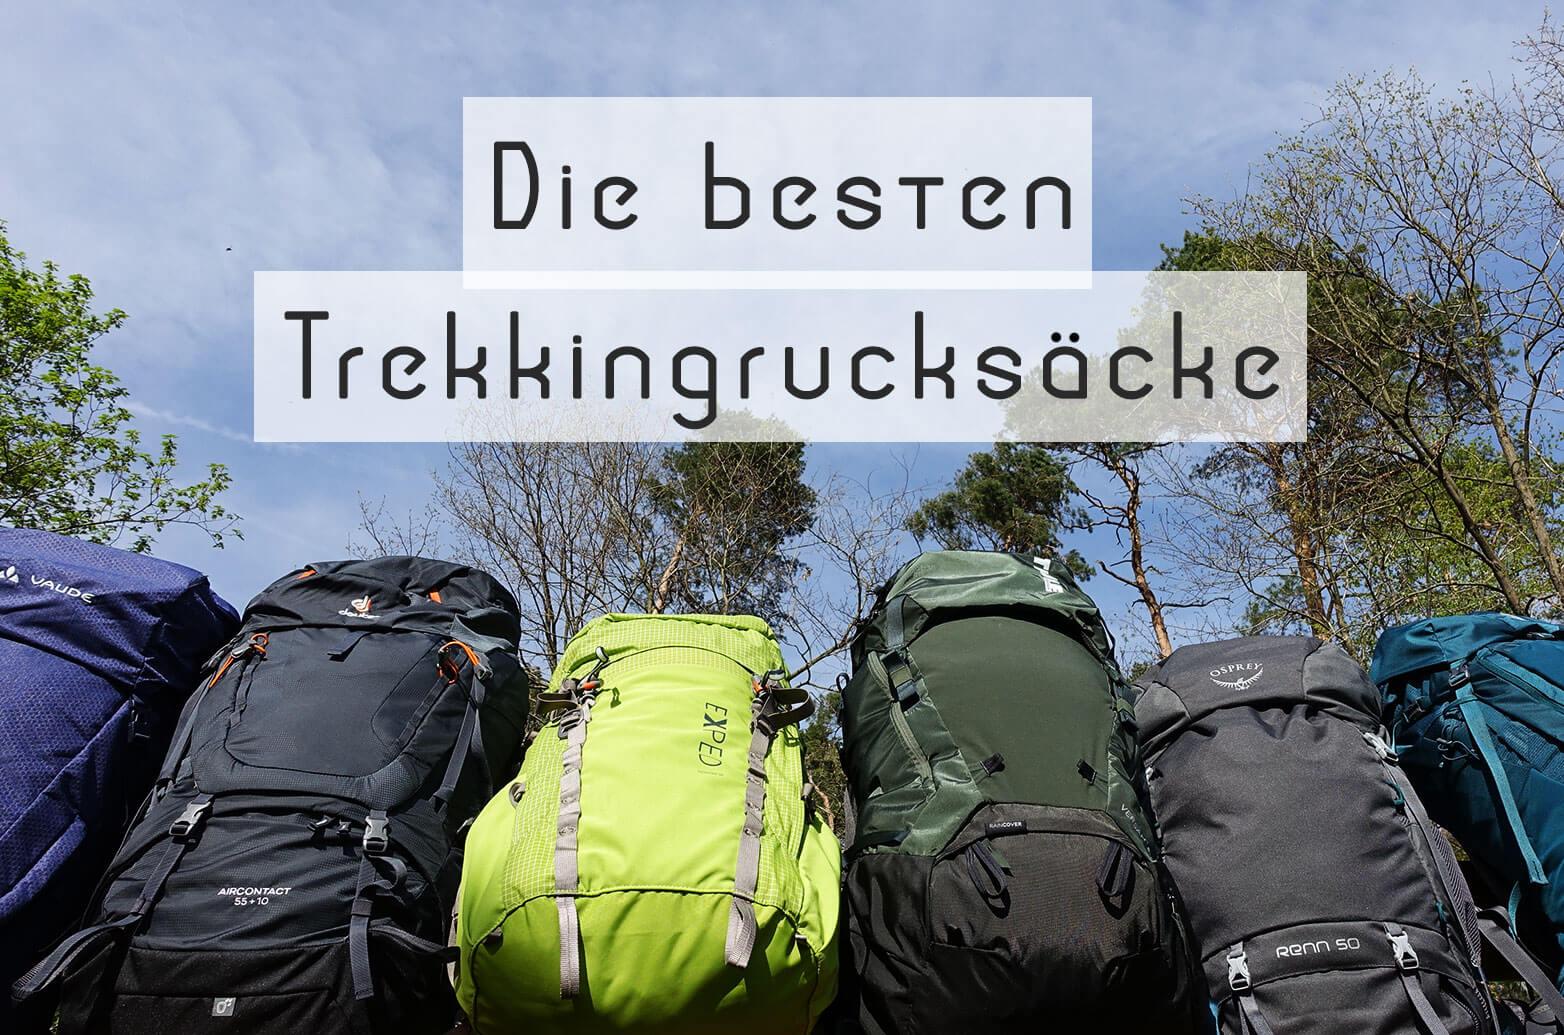 Bester Trekkingrucksack Test Vergleich